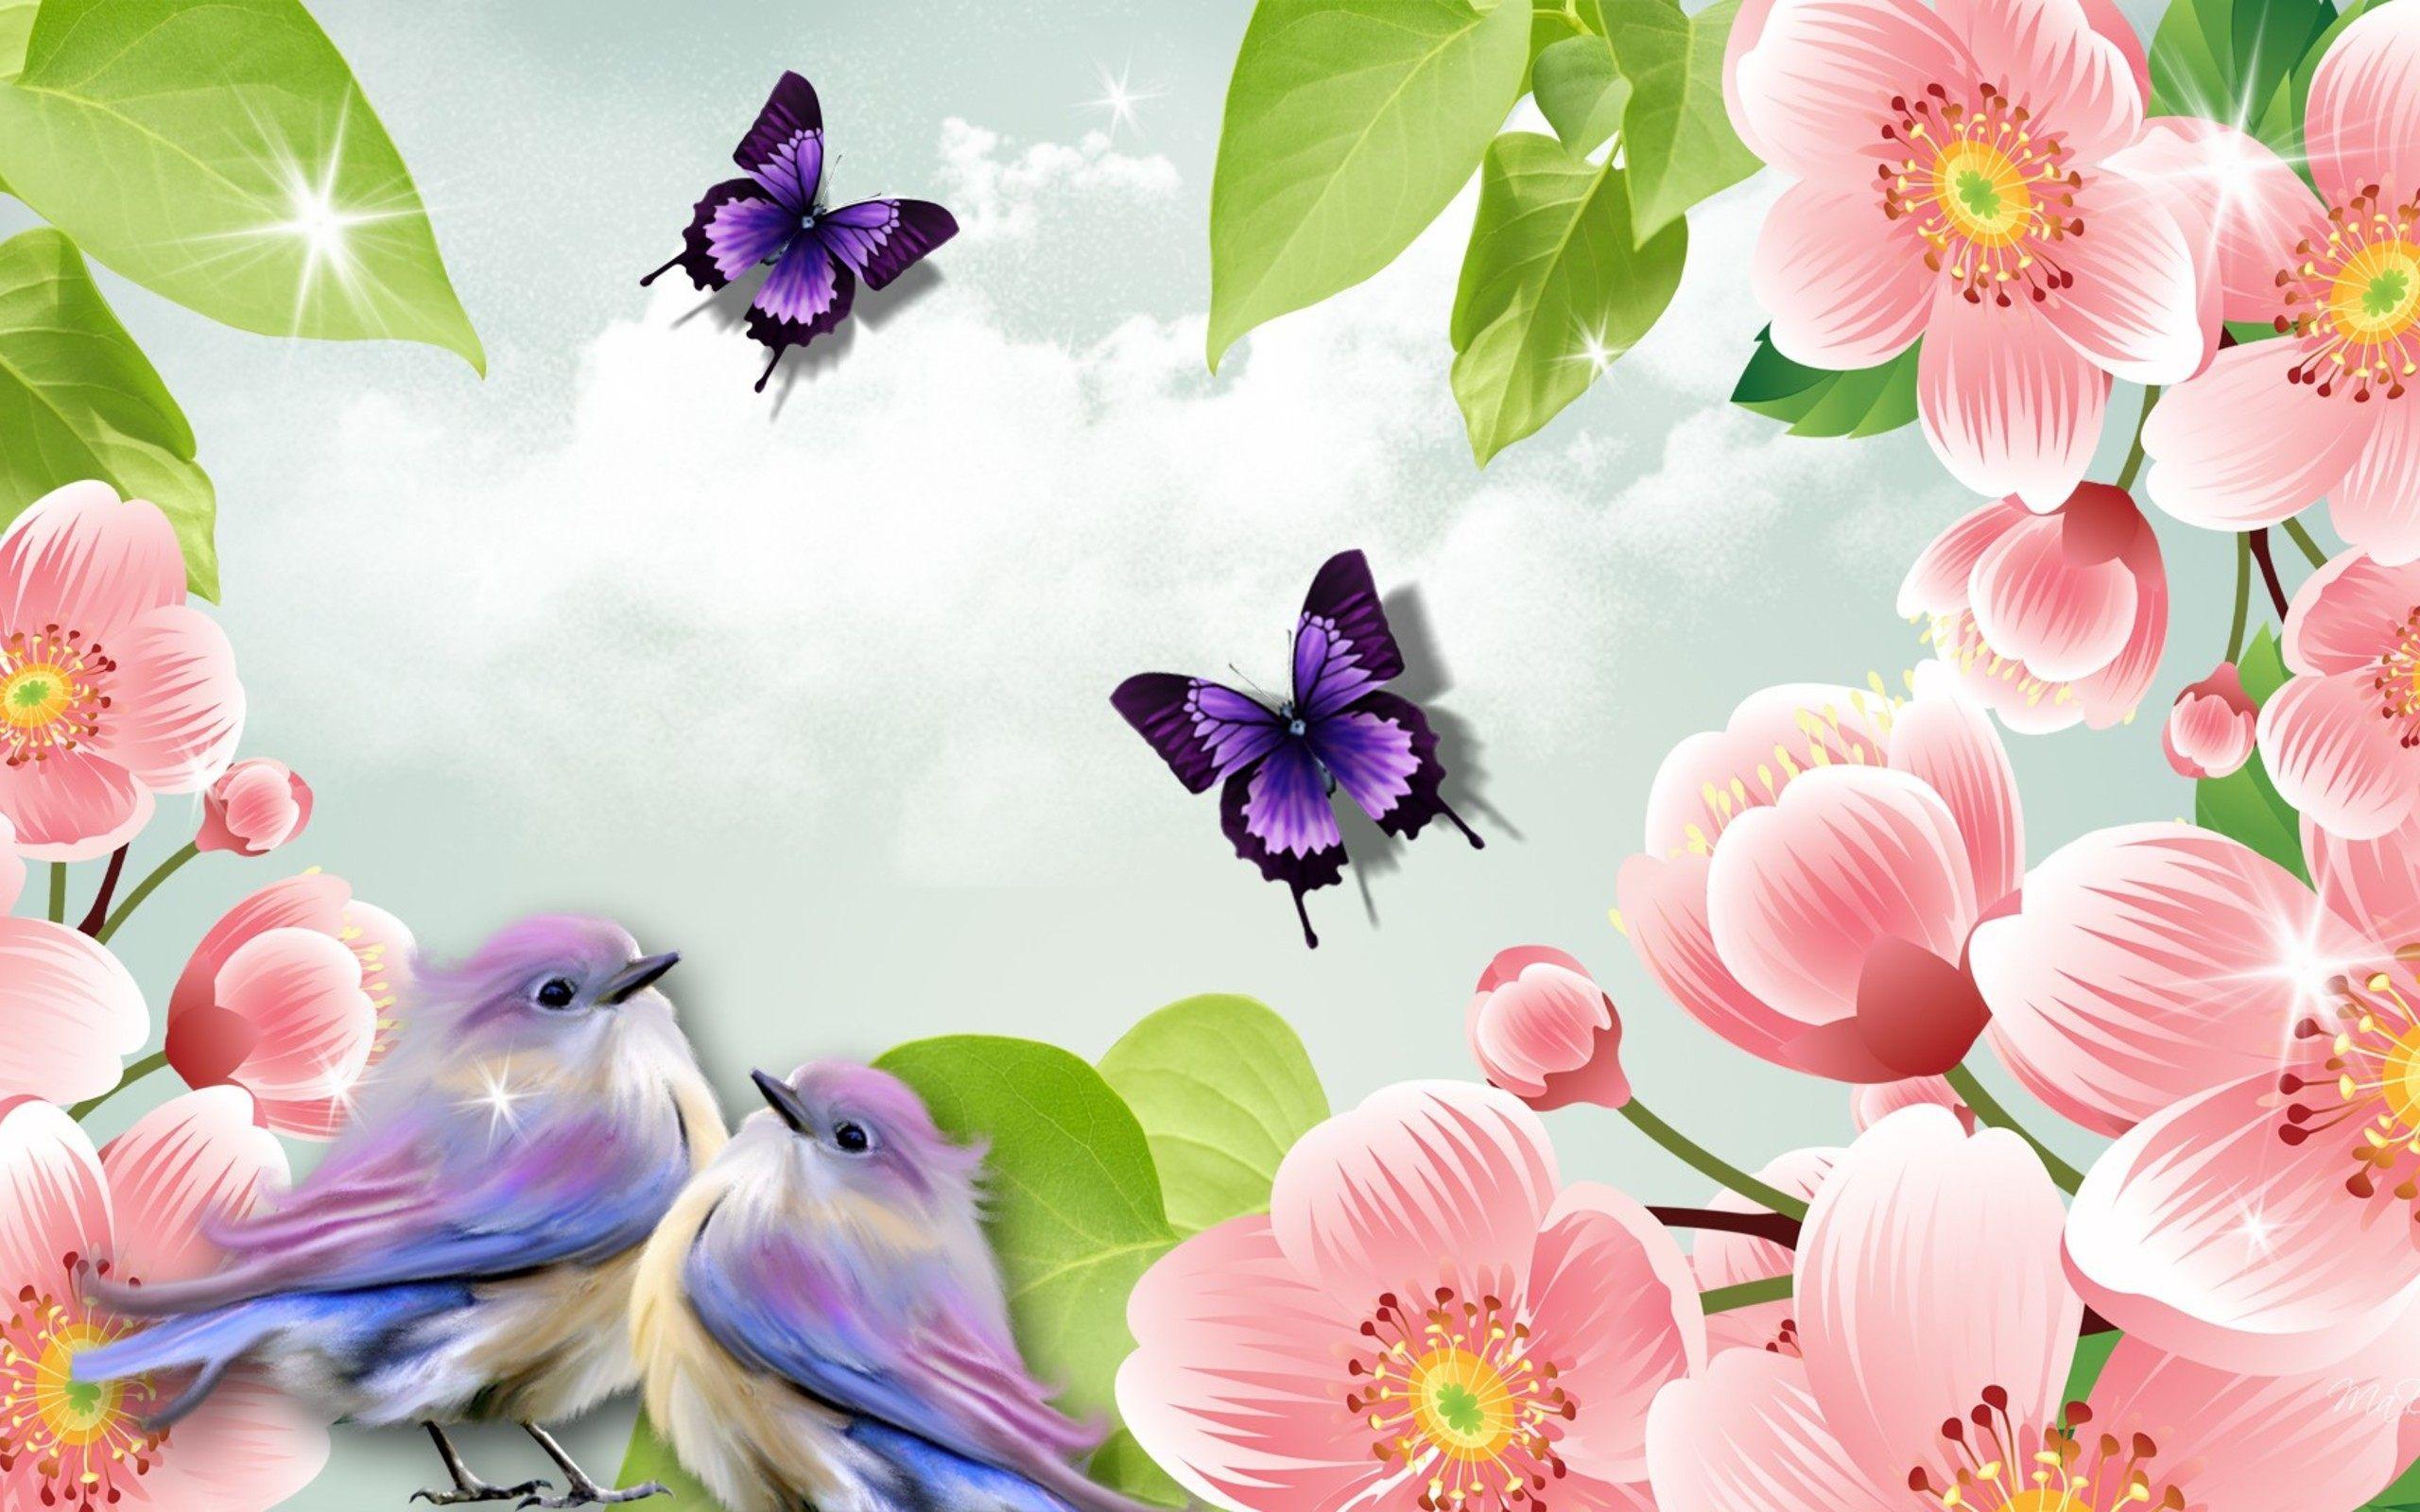 Butterflies Birds And Flowers Wallpaper Spring Wallpaper Spring Wallpaper Hd Free Spring Wallpaper